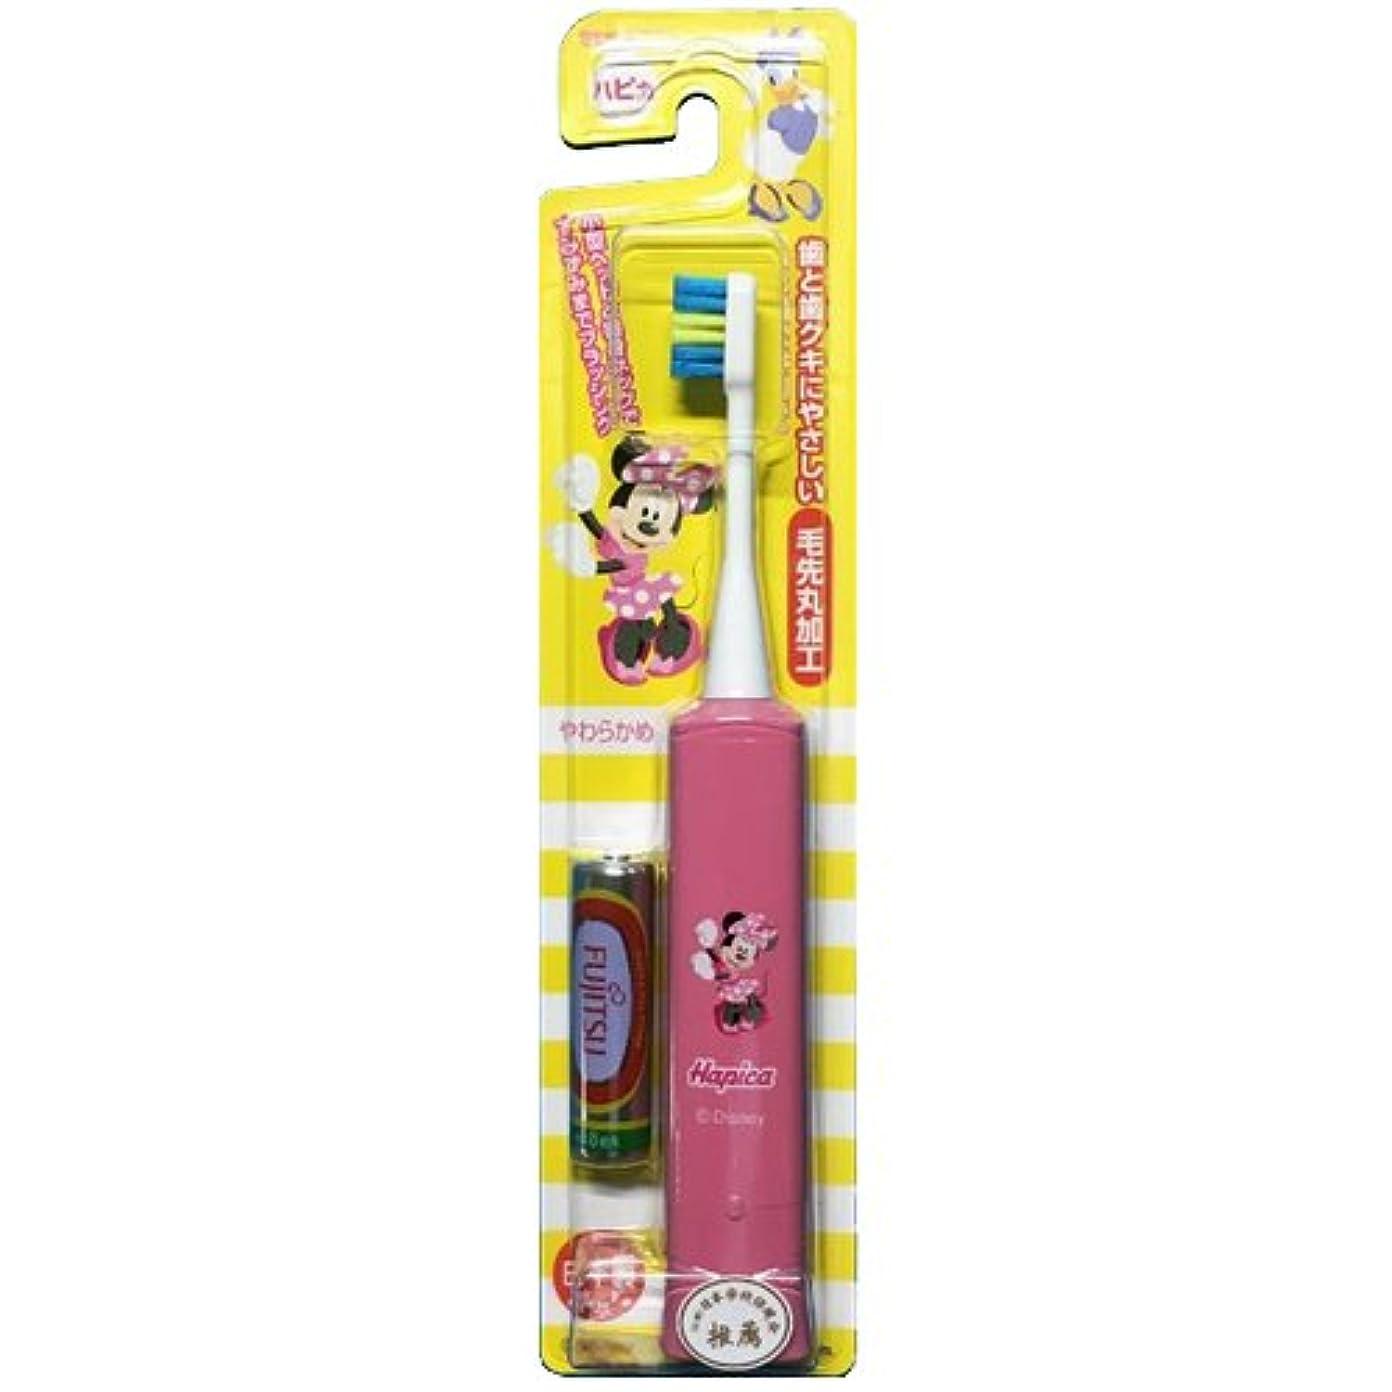 無実危険友だちミニマム 電動付歯ブラシ こどもハピカ ミニー(ピンク) 毛の硬さ:やわらかめ DBK-5P(MK)